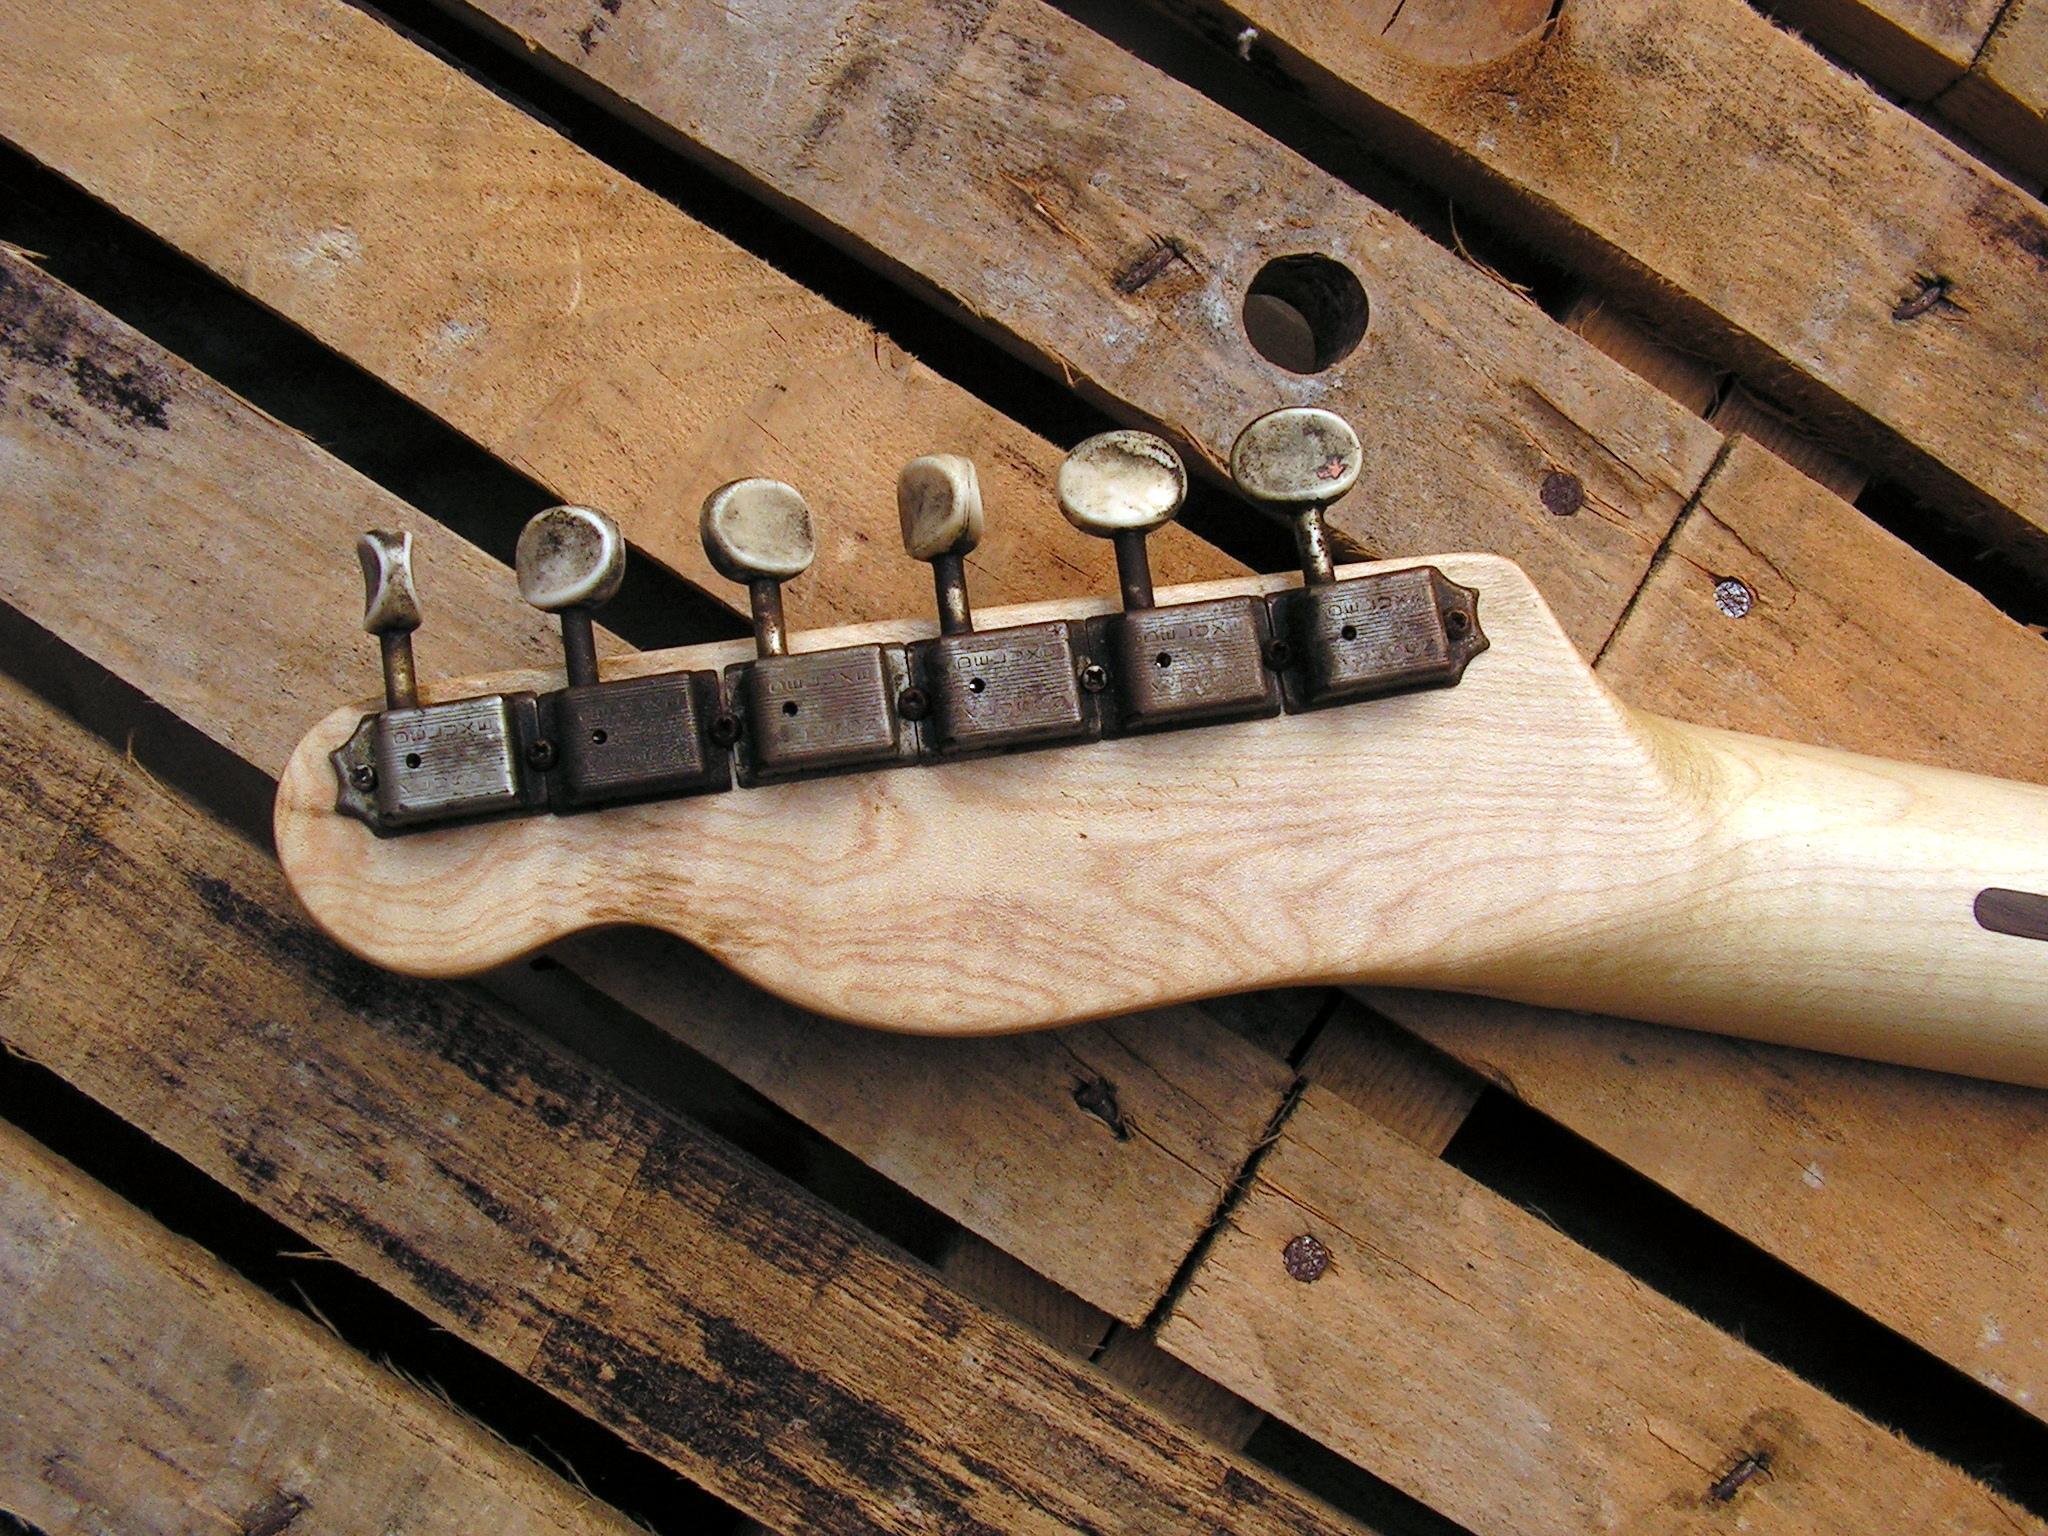 Retro della paletta in acero di una chitarra elettrica Telecaster in pioppo secolare